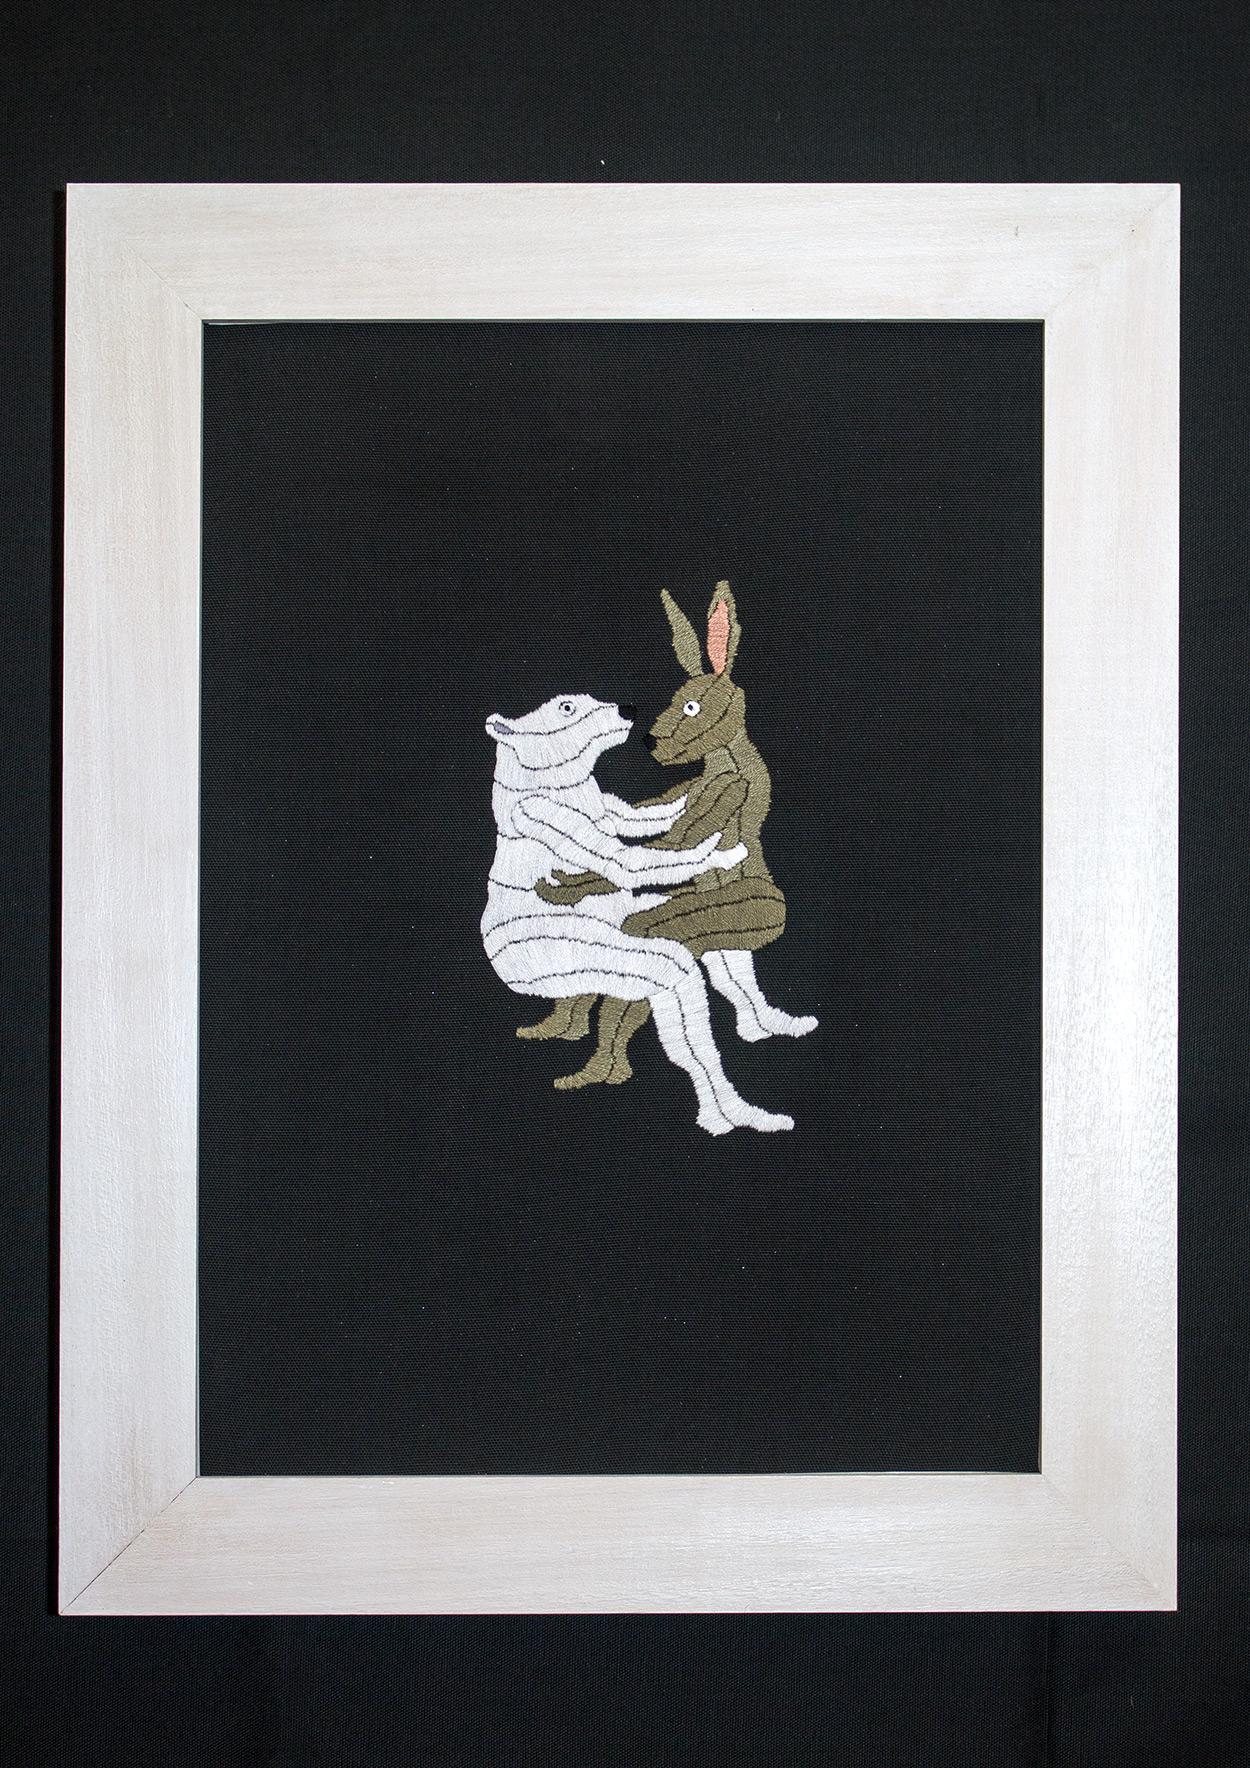 Collaborative Survival (Hare)